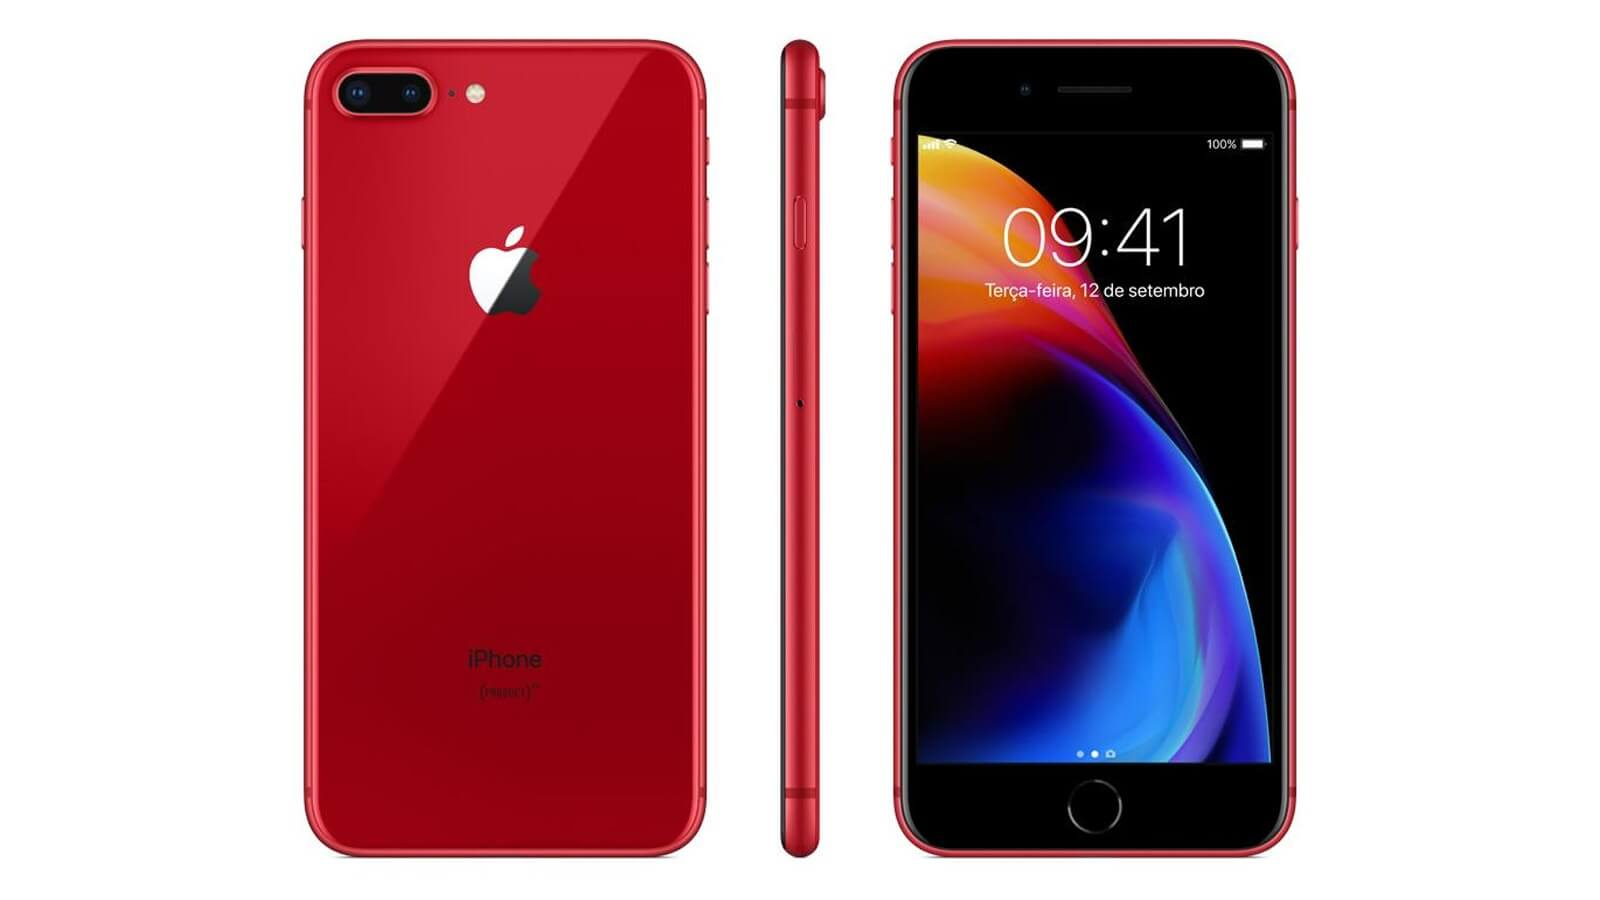 Apple iPhone 8 Plus - smartphones top de linha